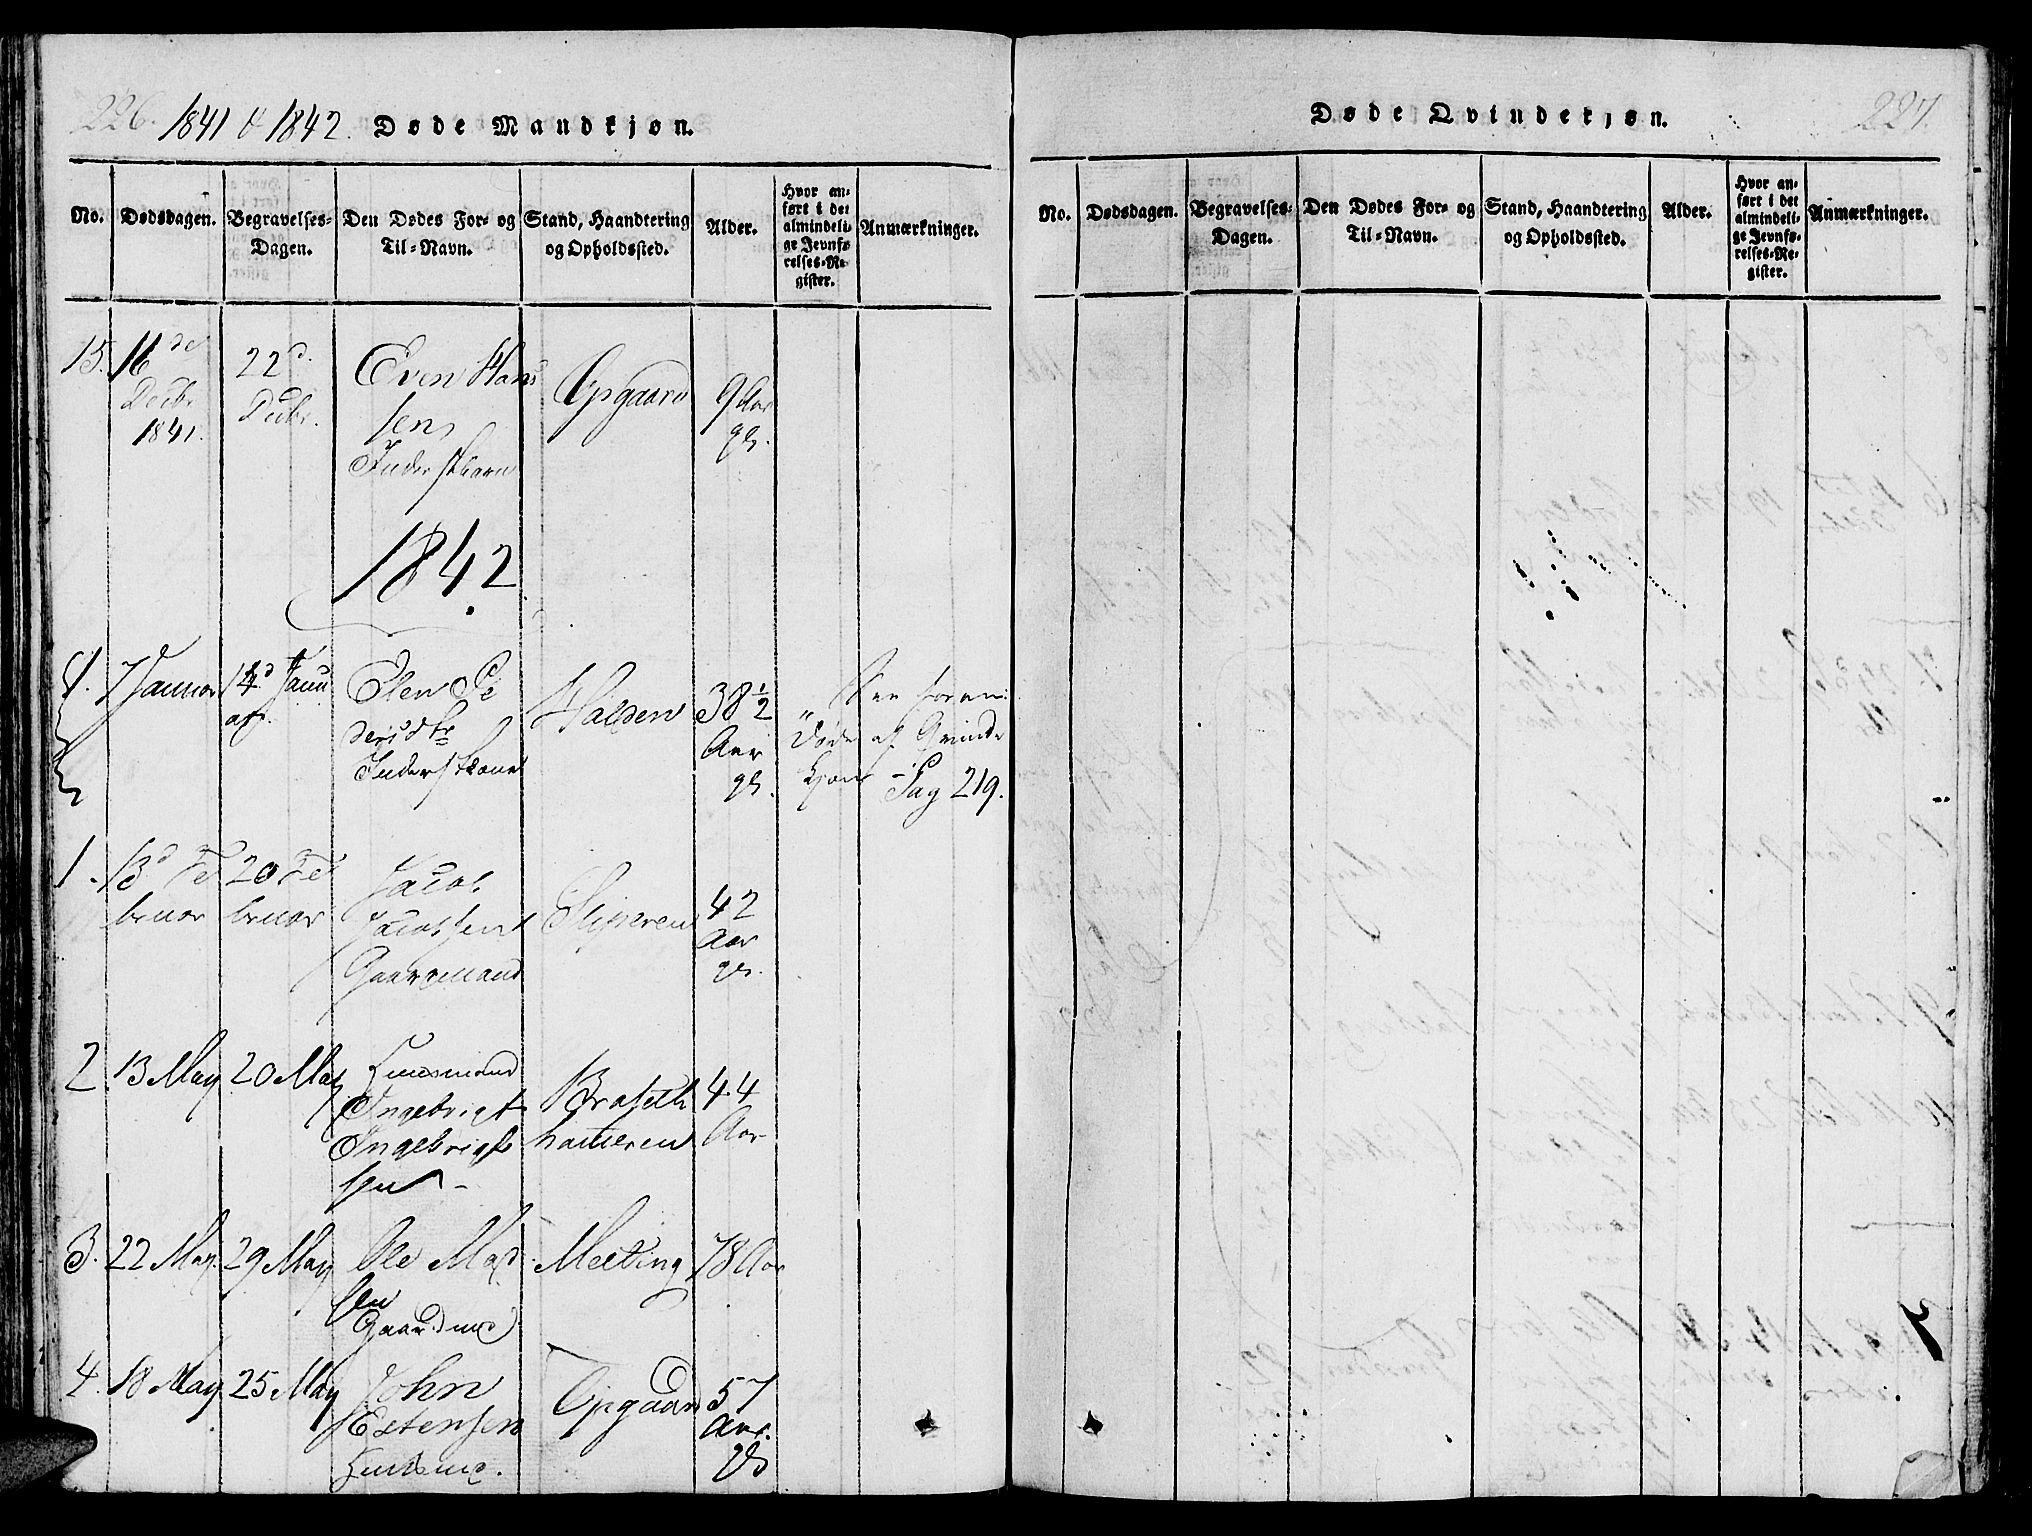 SAT, Ministerialprotokoller, klokkerbøker og fødselsregistre - Nord-Trøndelag, 733/L0322: Ministerialbok nr. 733A01, 1817-1842, s. 226-227